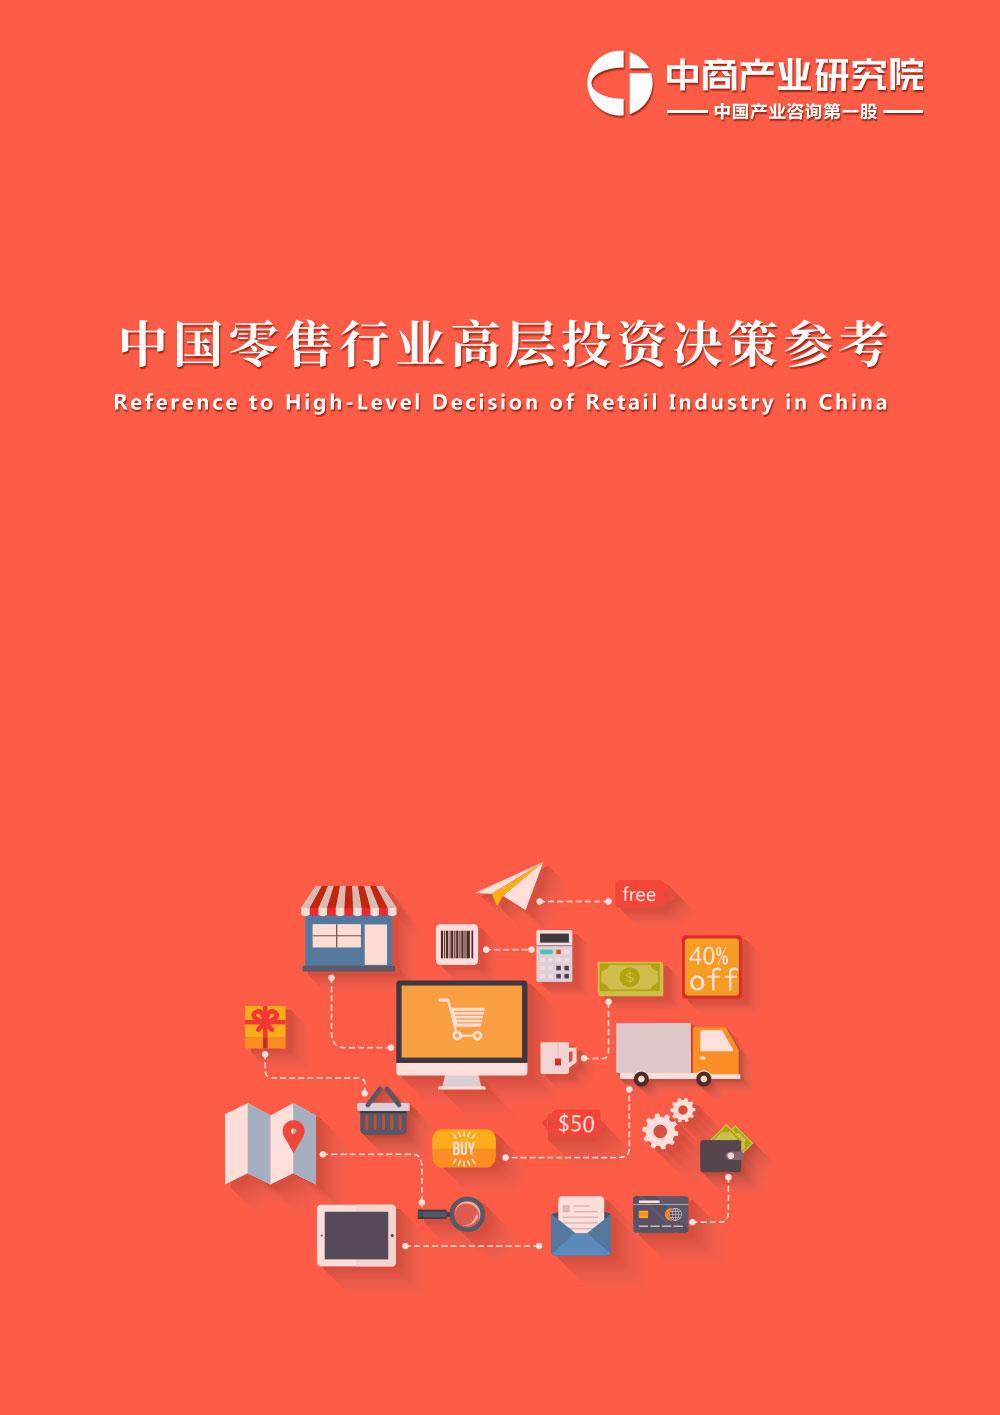 中国零售消费行业投资决策参考(2020年12月)